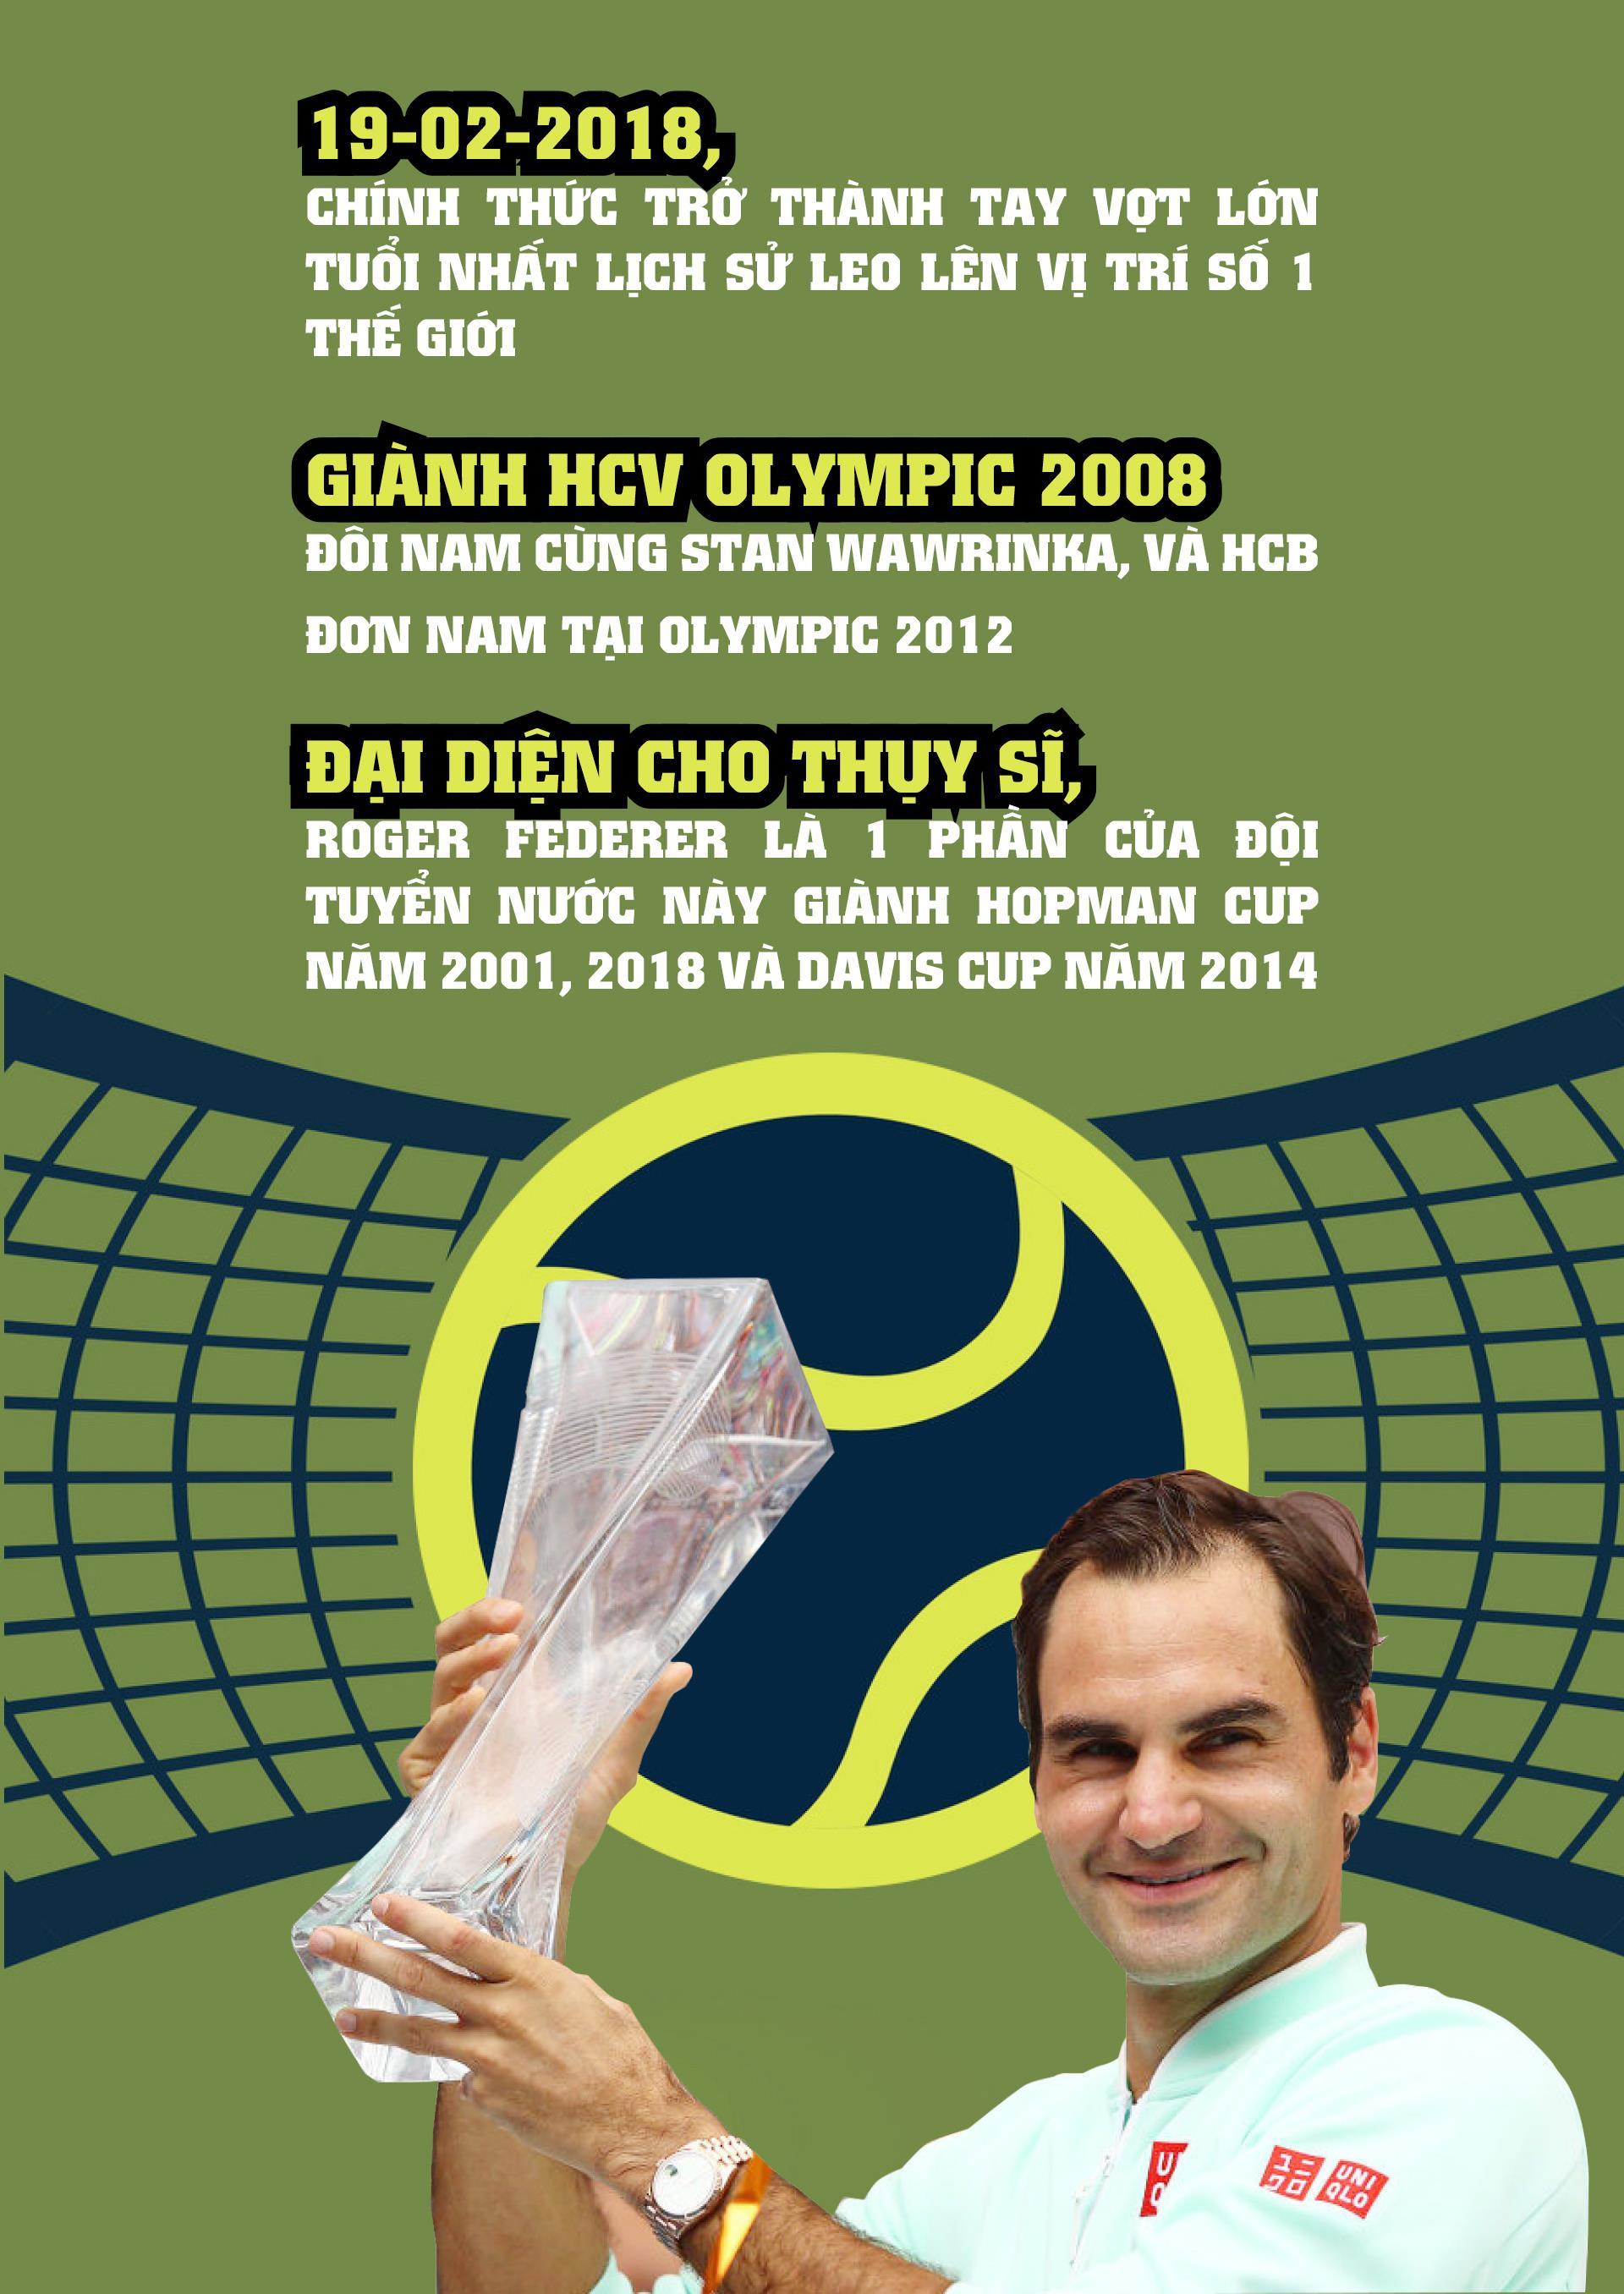 Roger Federer - Huyền thoại của những huyền thoại ảnh 4